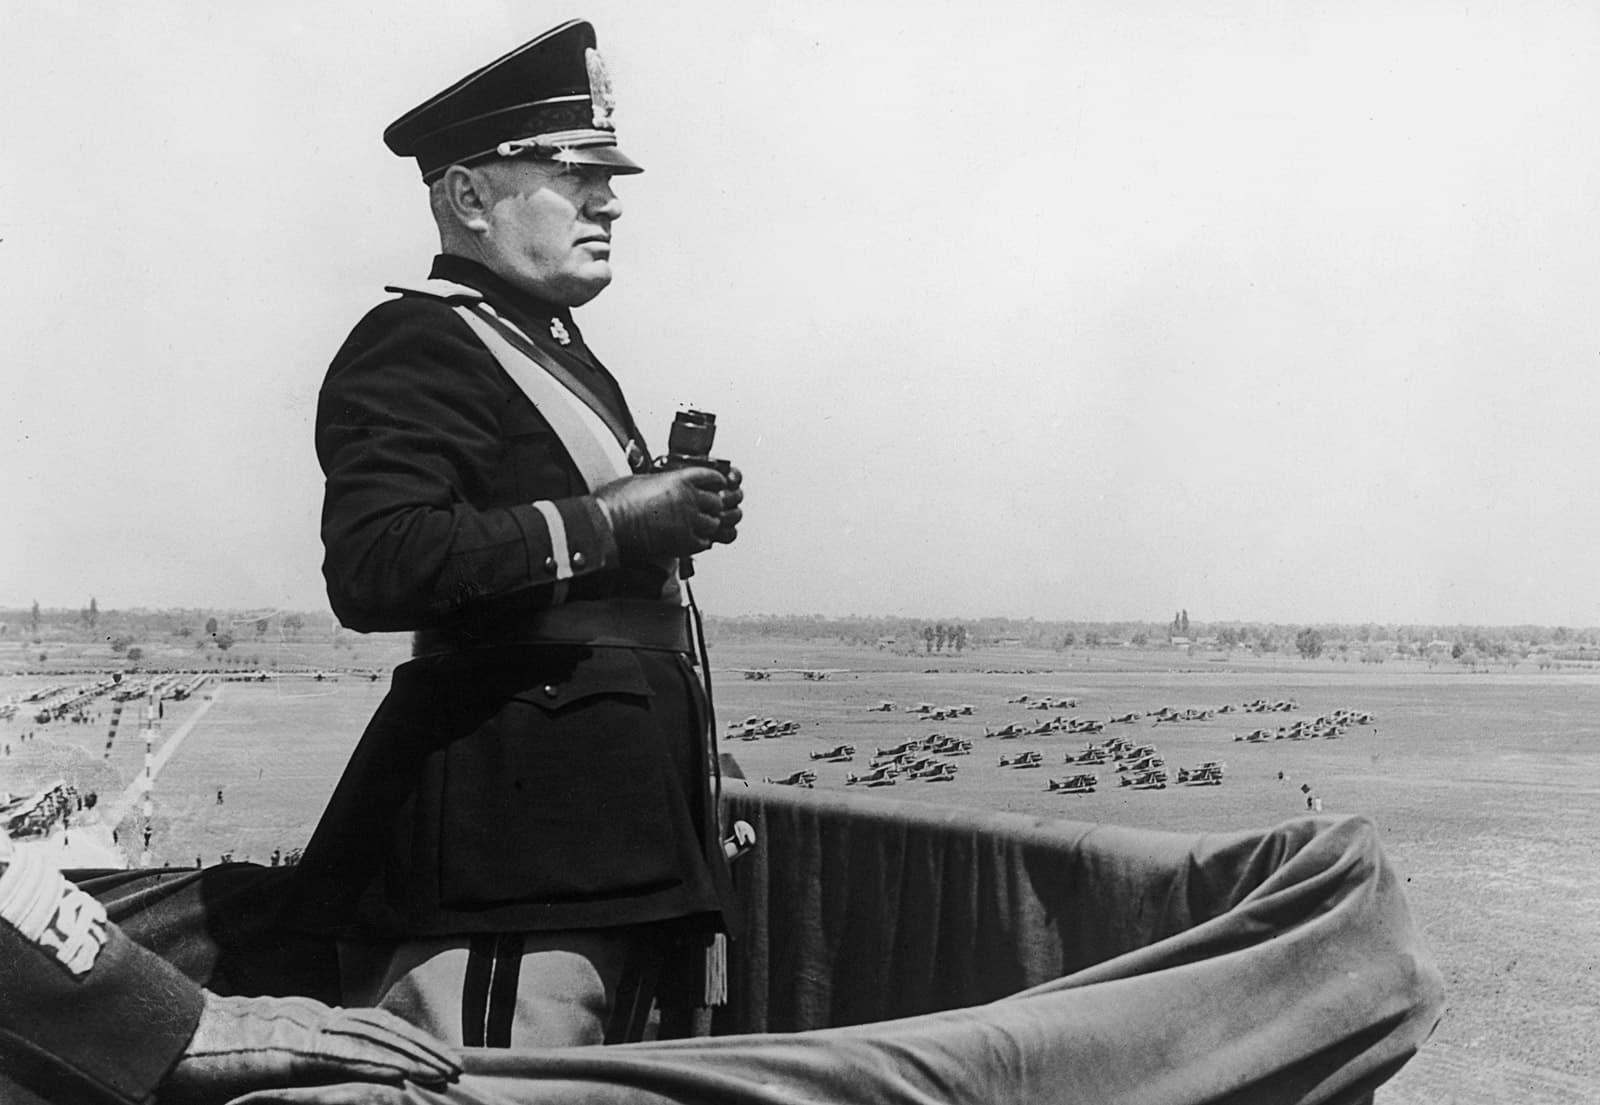 Benito Mussolini en una visita a l'aeroport de Turí el 1939. Fotografia de Keystone/Hulton/Getty